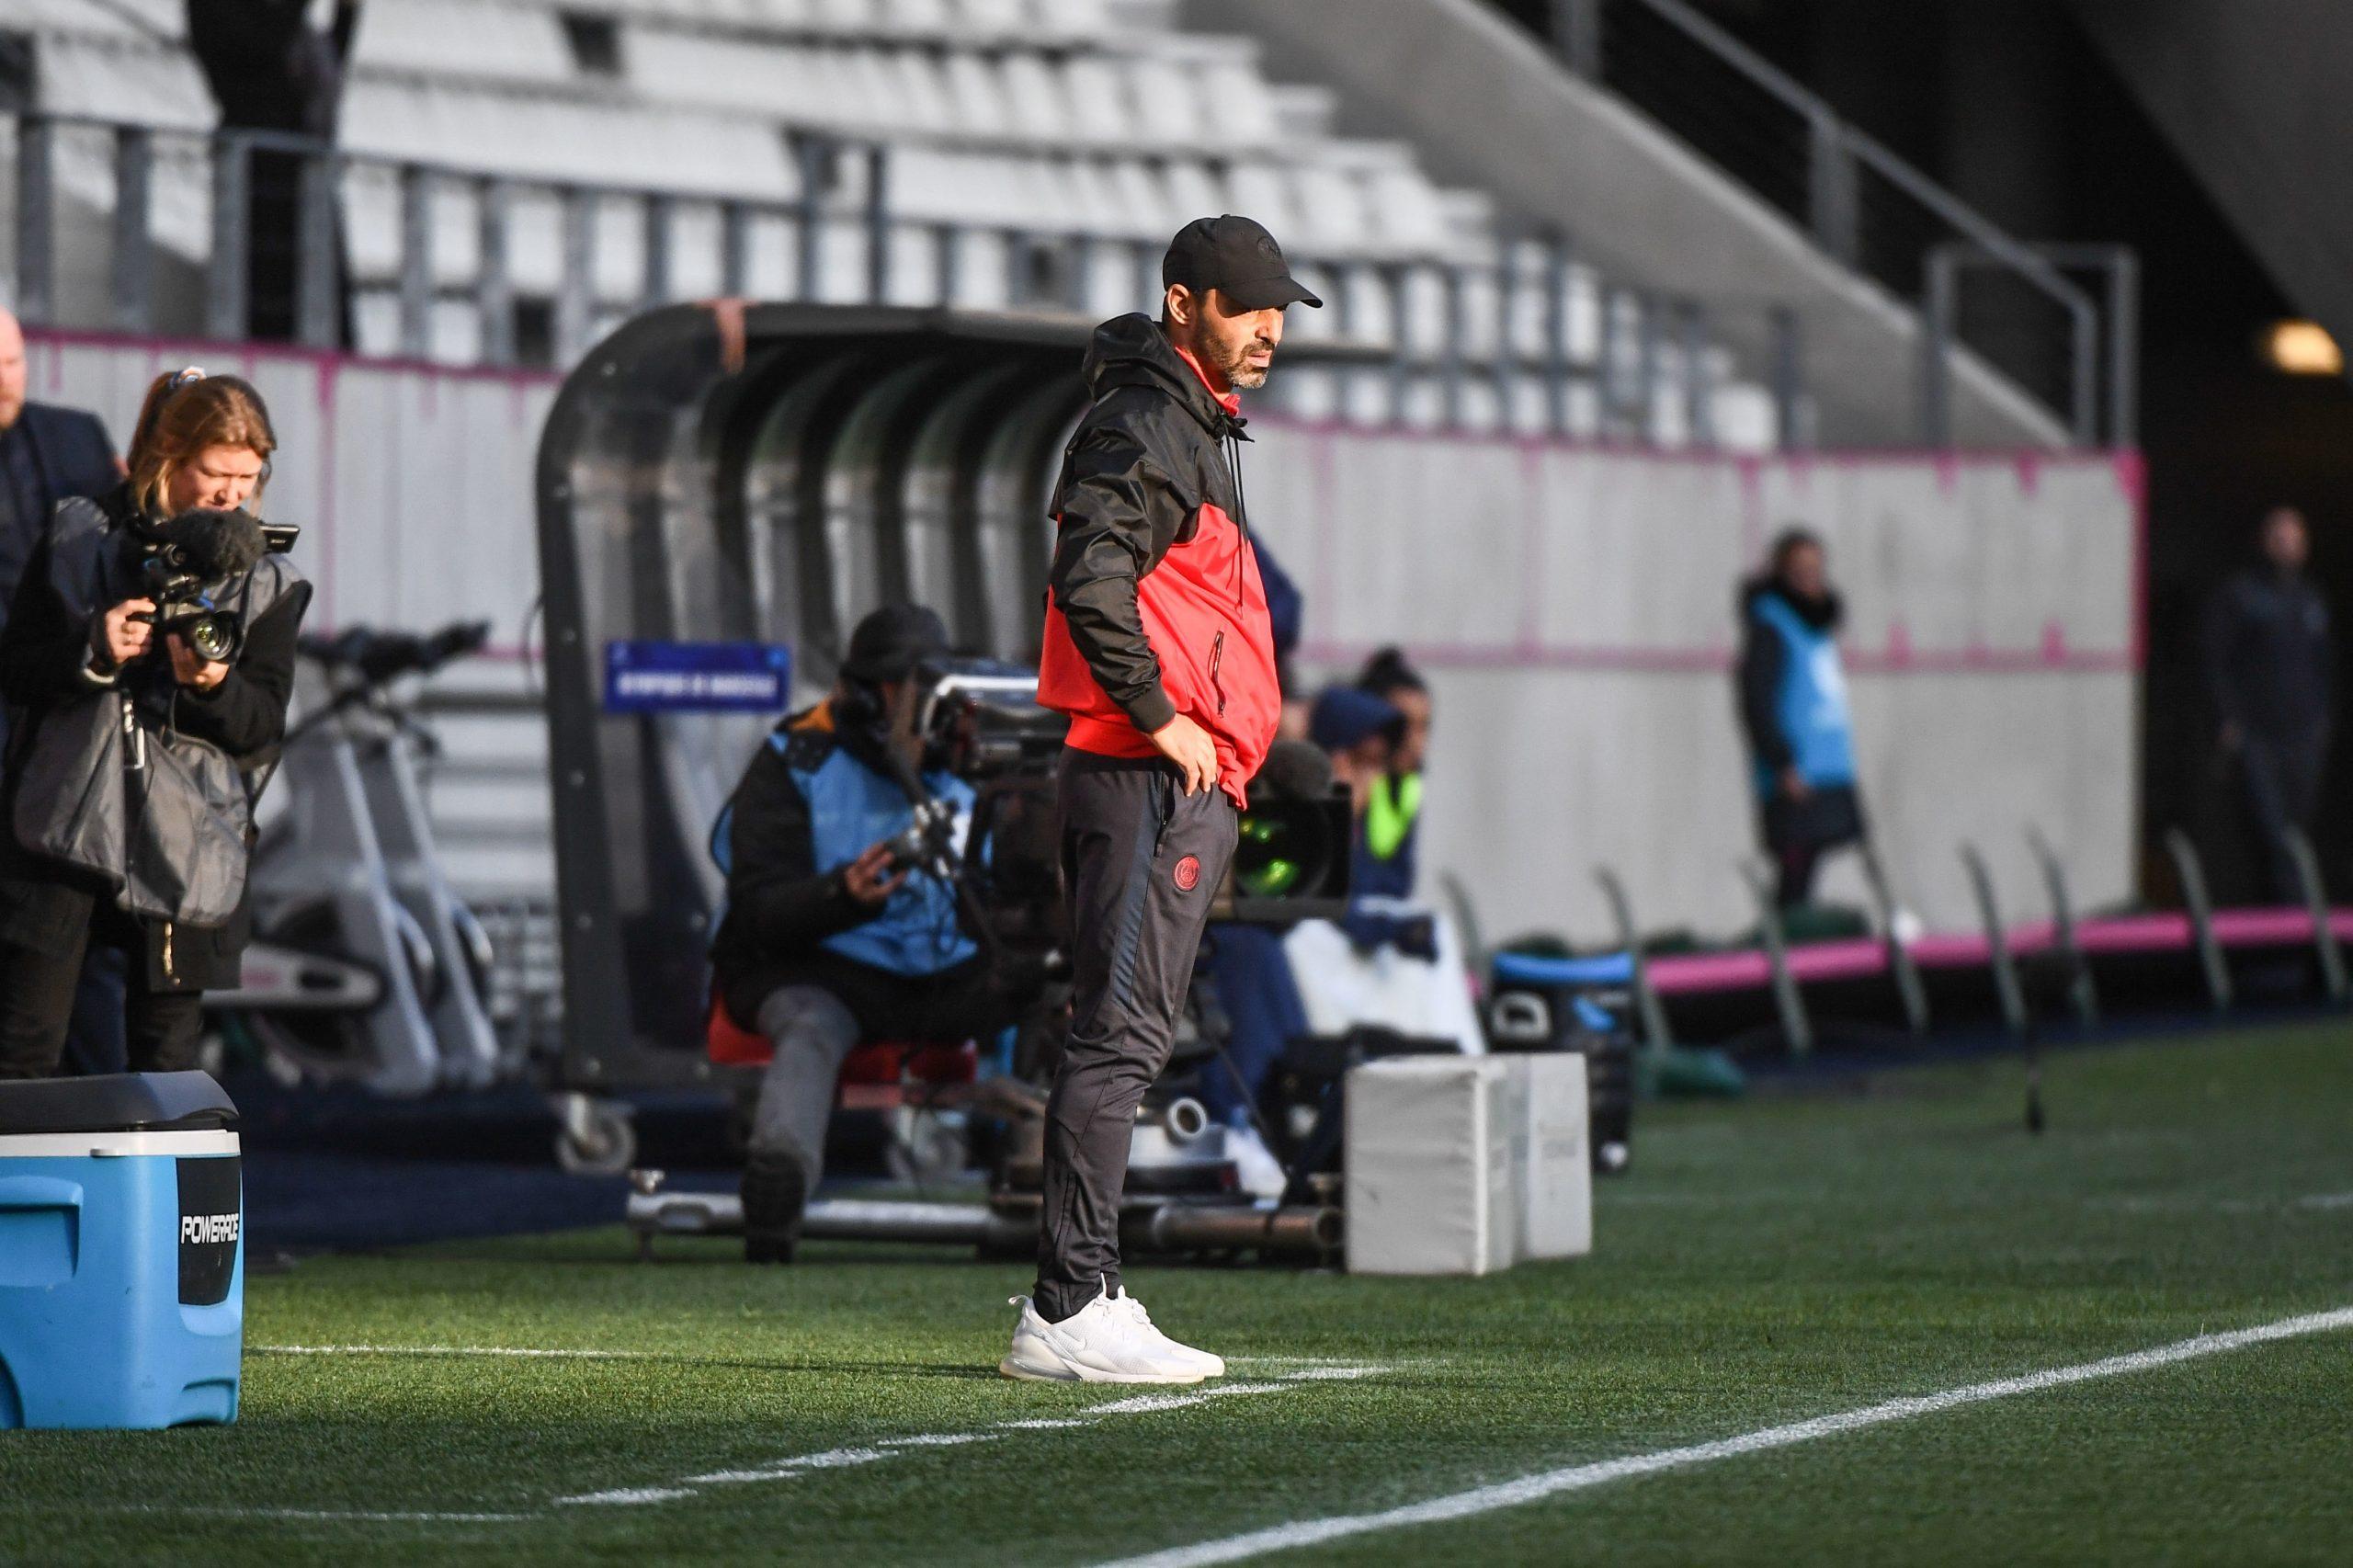 Echouafni félicite ses joueuses et remercie les supporters après la ballade du PSG face à l'OM